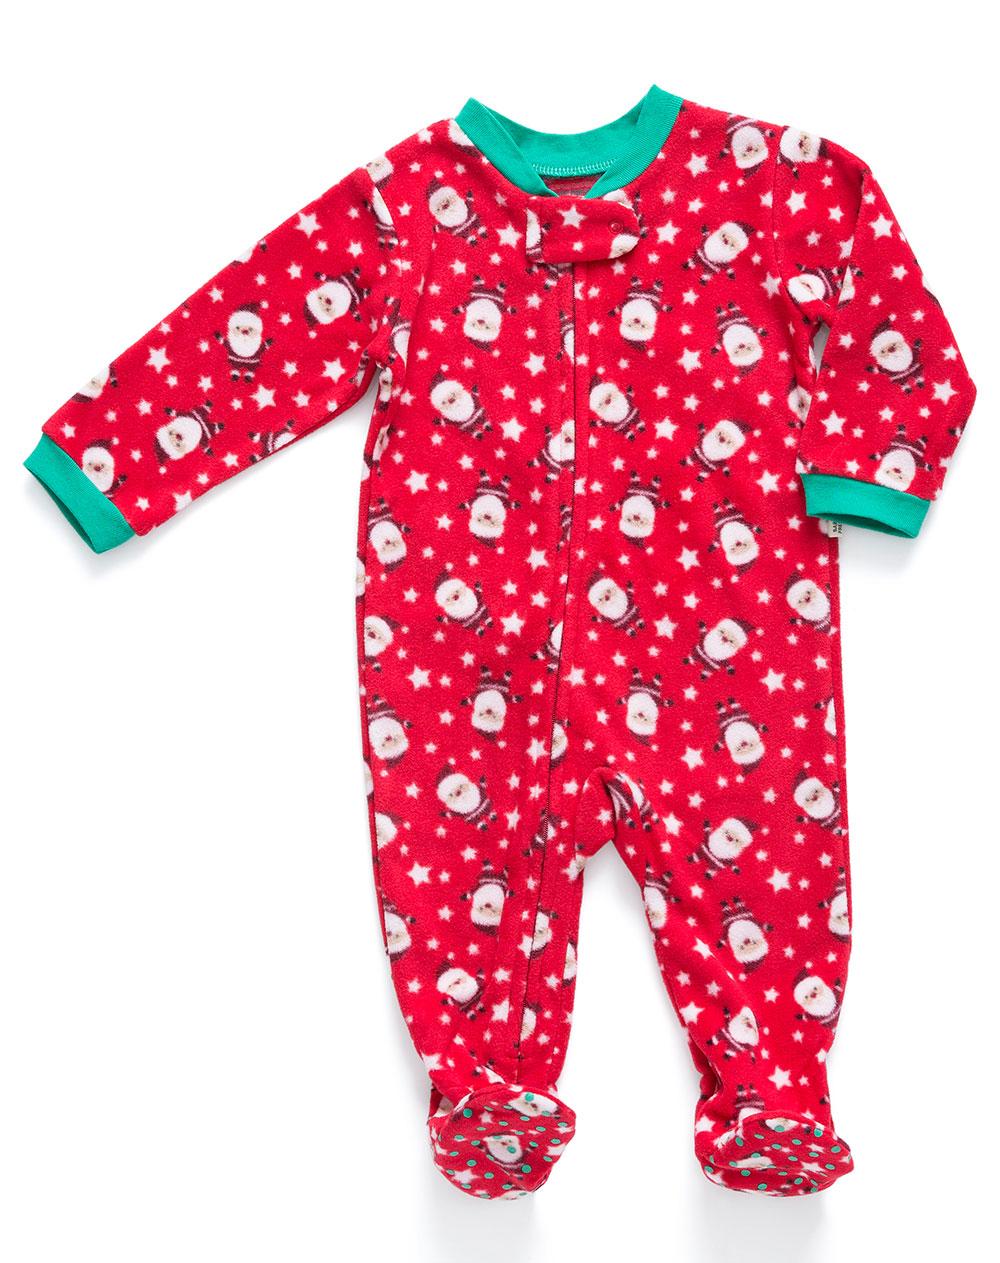 8985383ba Pijama para Bebé Unisex Nack Roja Baby Fresh